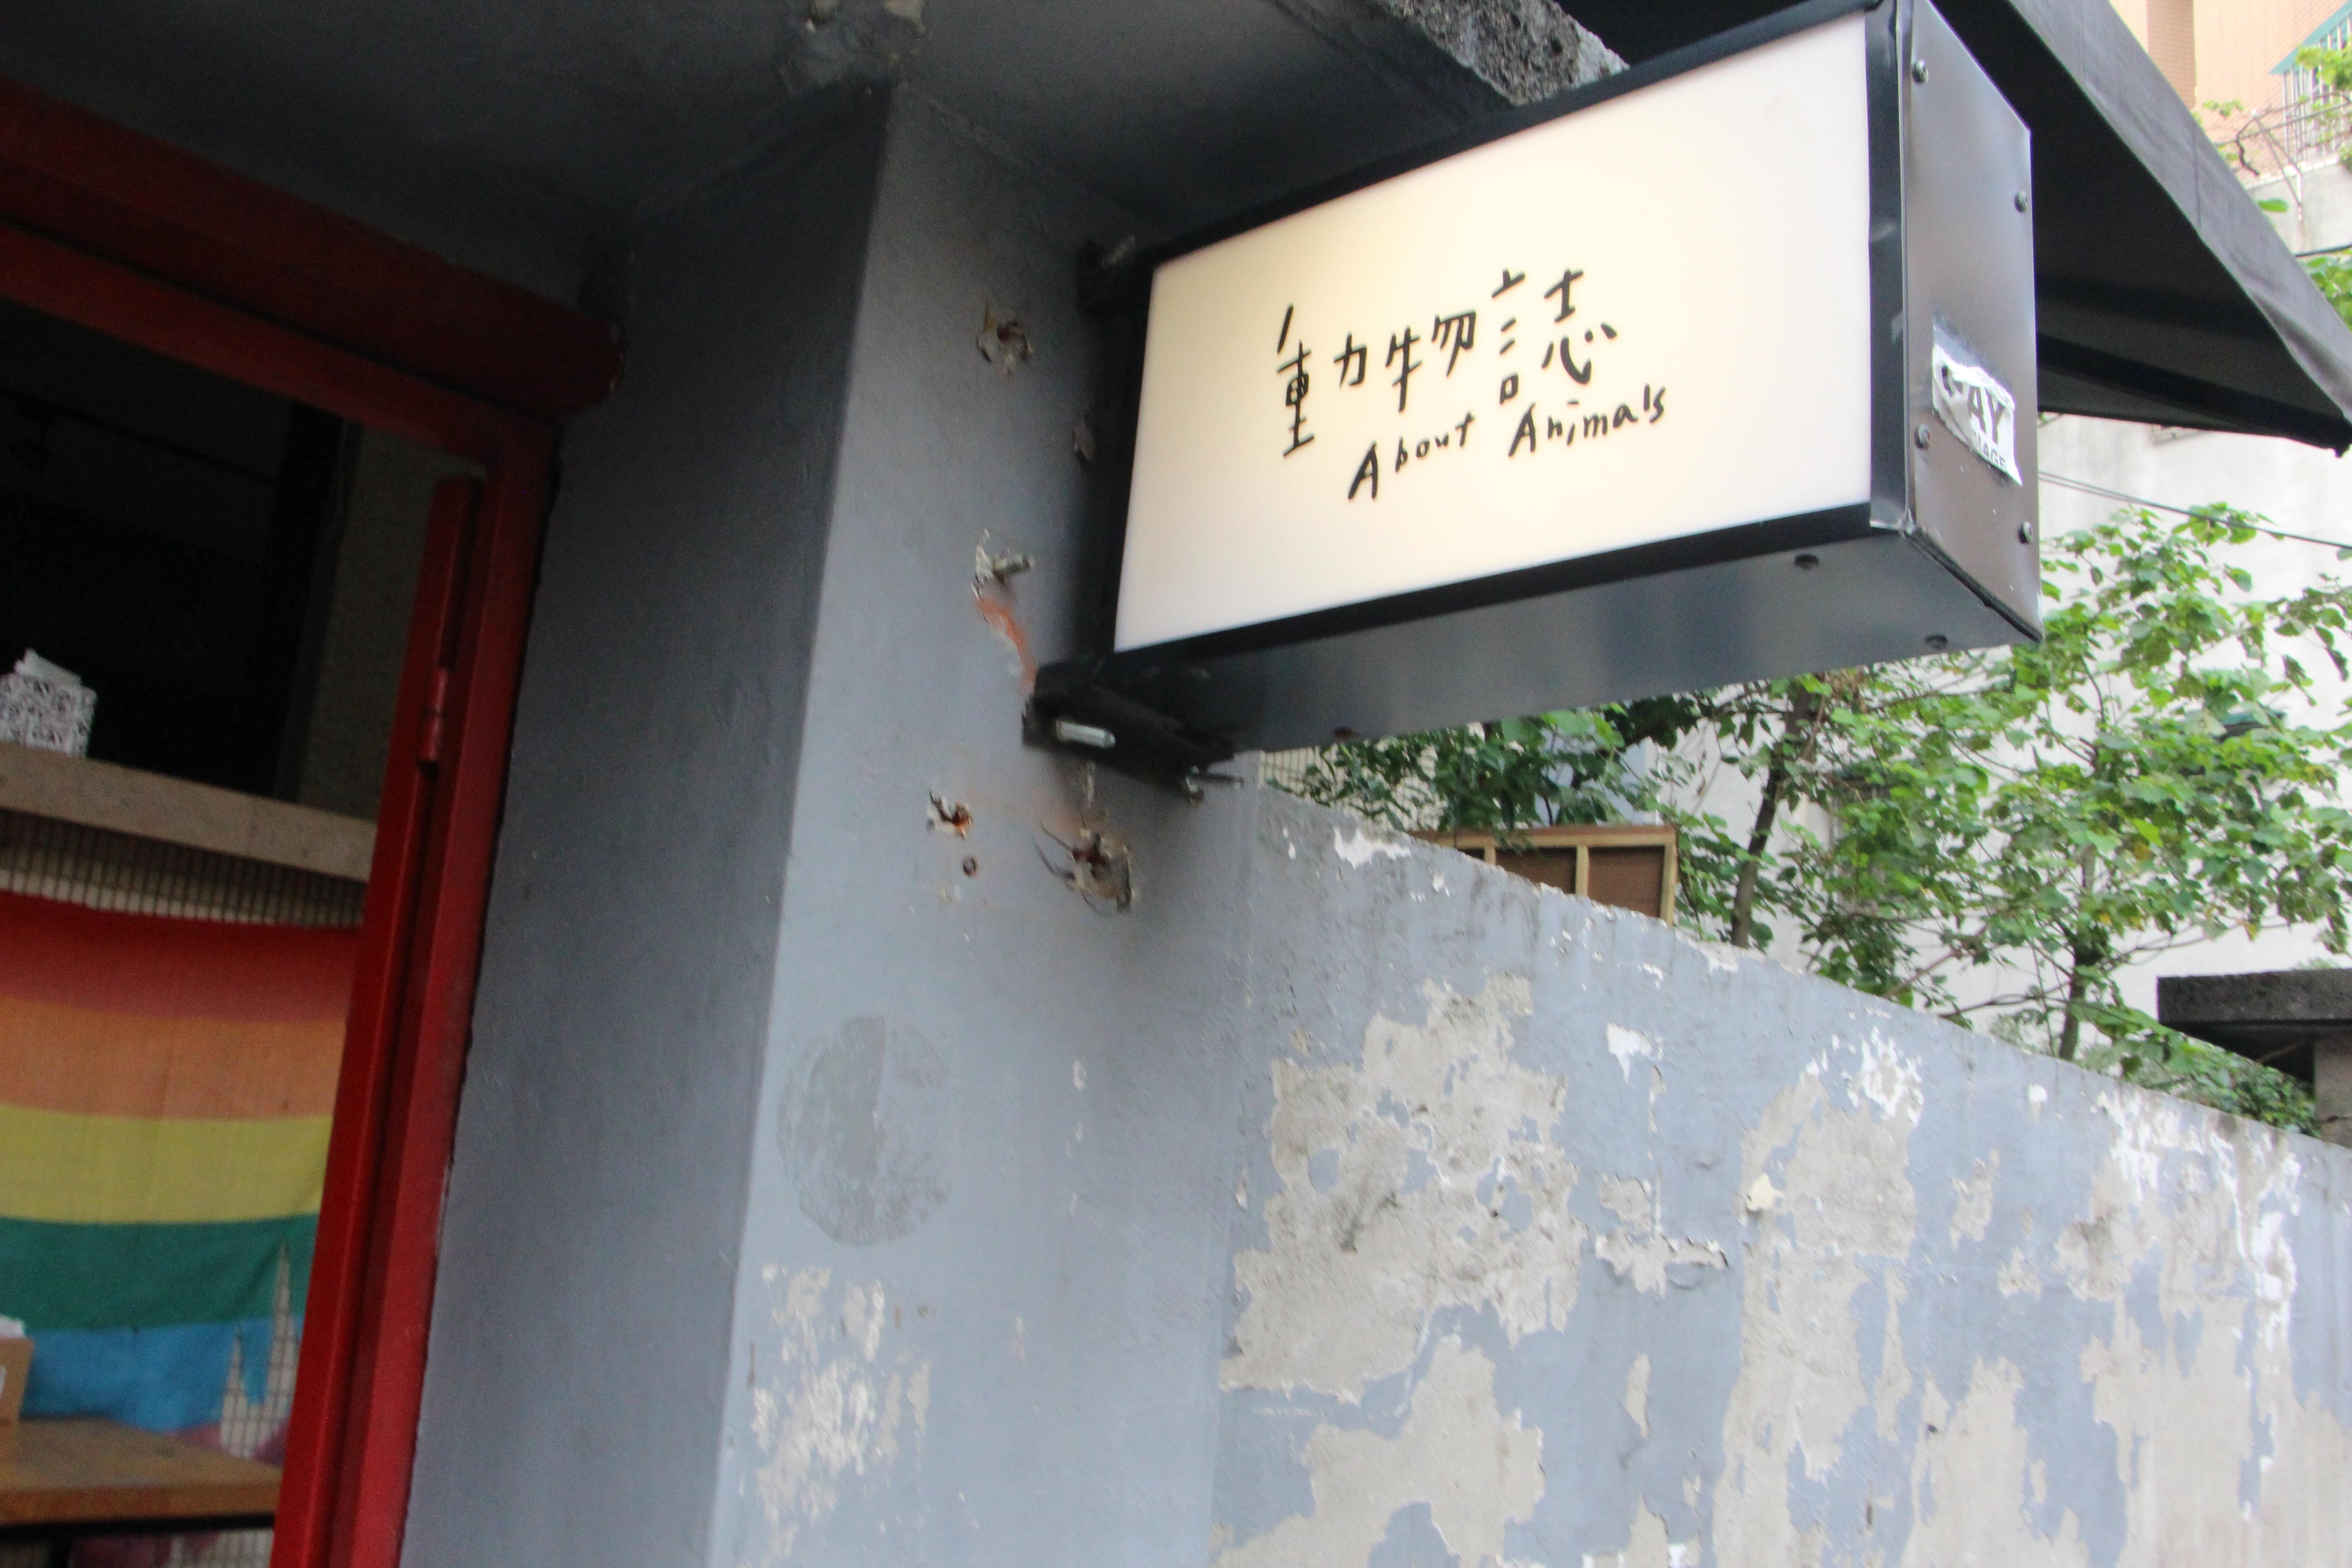 隱身萬隆捷運站附近的小巷弄,推廣動物權的蔬食餐廳─動物誌。攝影/陳研旻